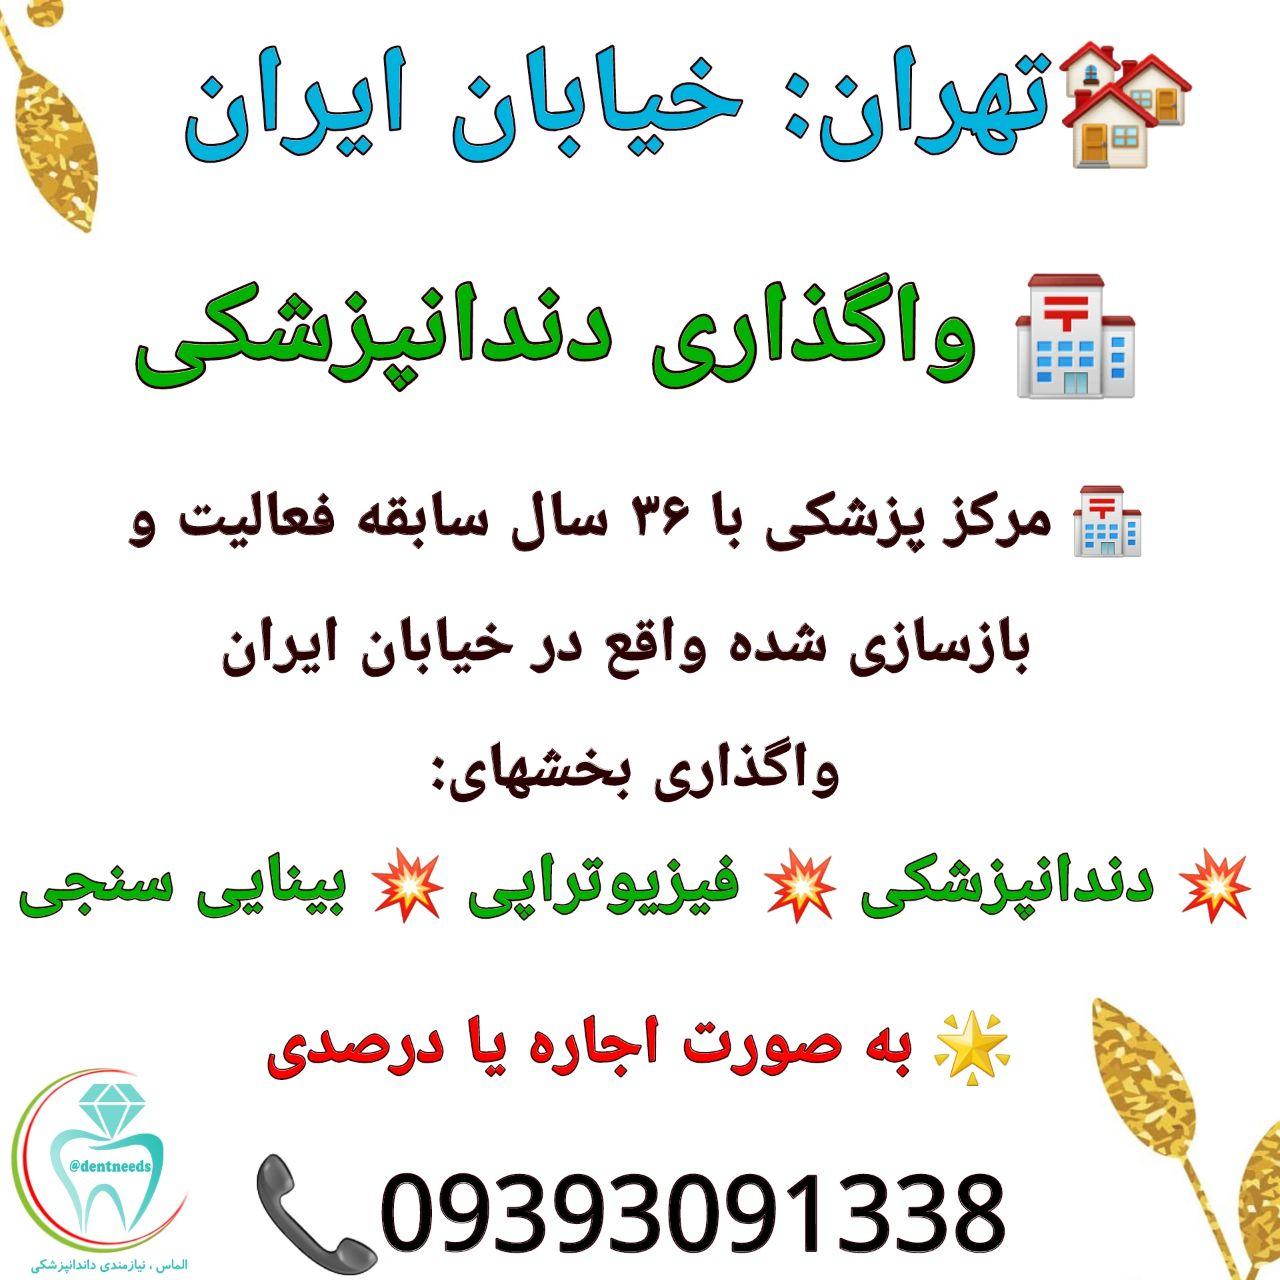 تهران: خیابان ایران، واگذاری دندانپزشکی